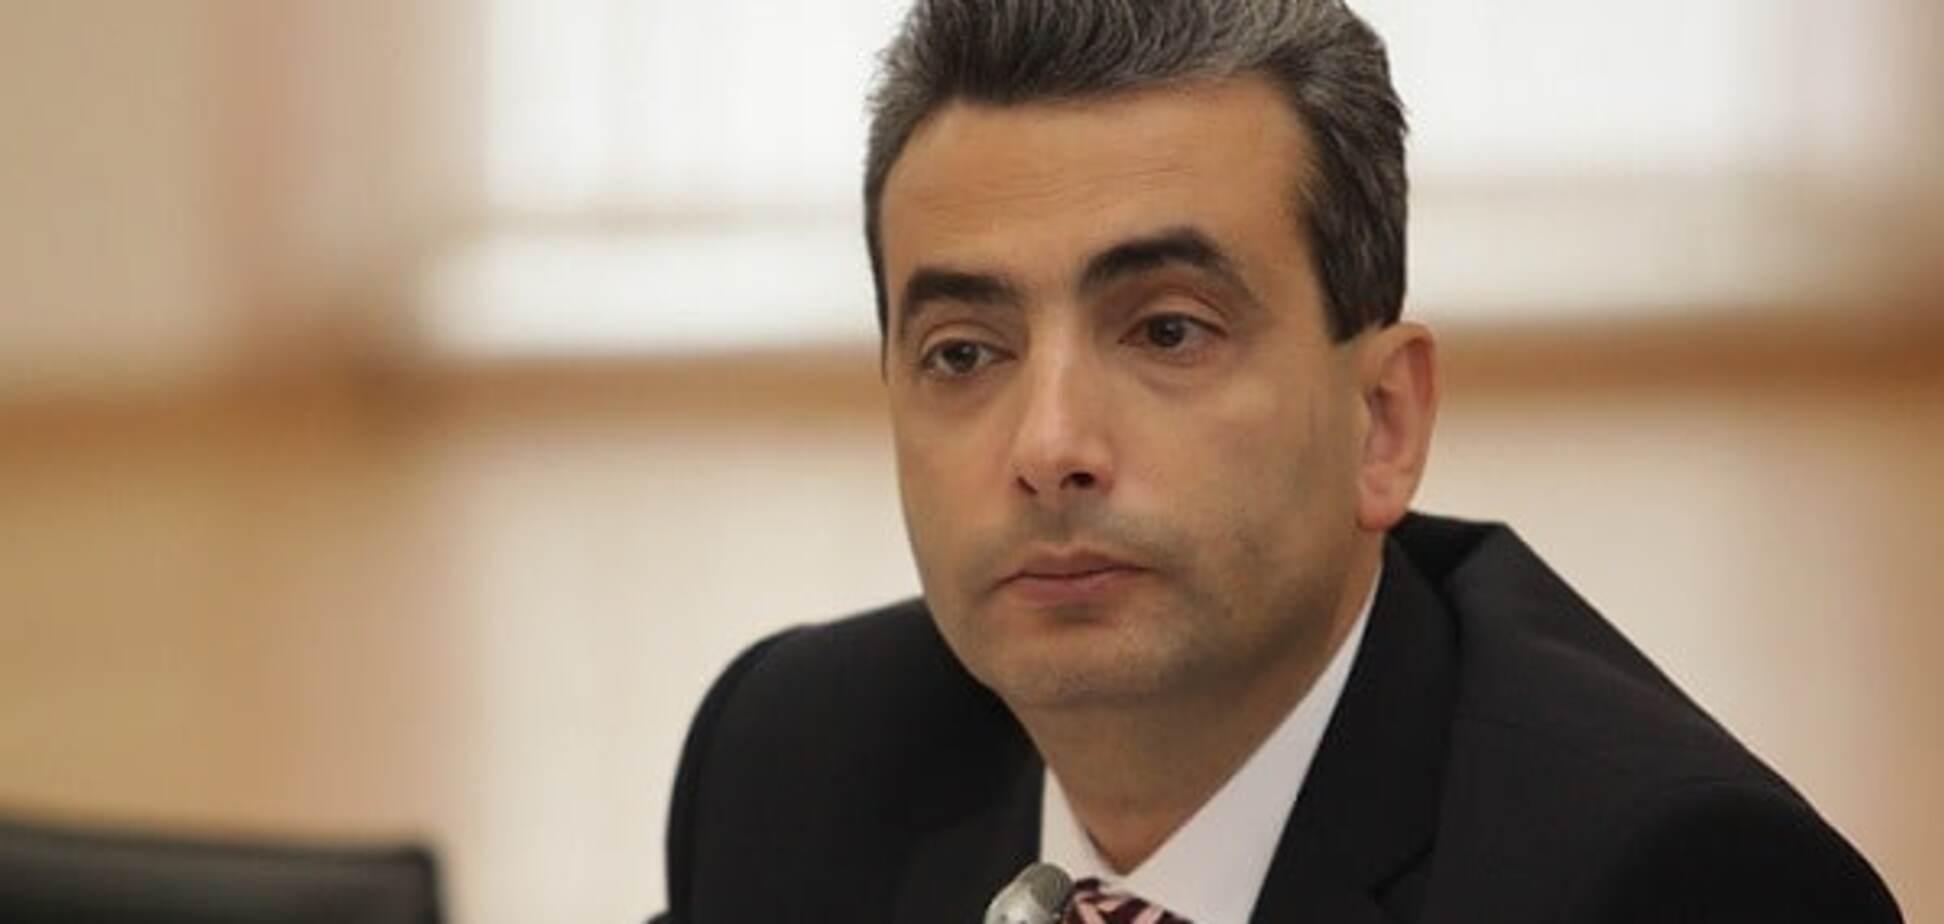 Лев Шлосберг: каждое повышение цены на нефть увеличивает шансы на возобновление войны на Донбассе